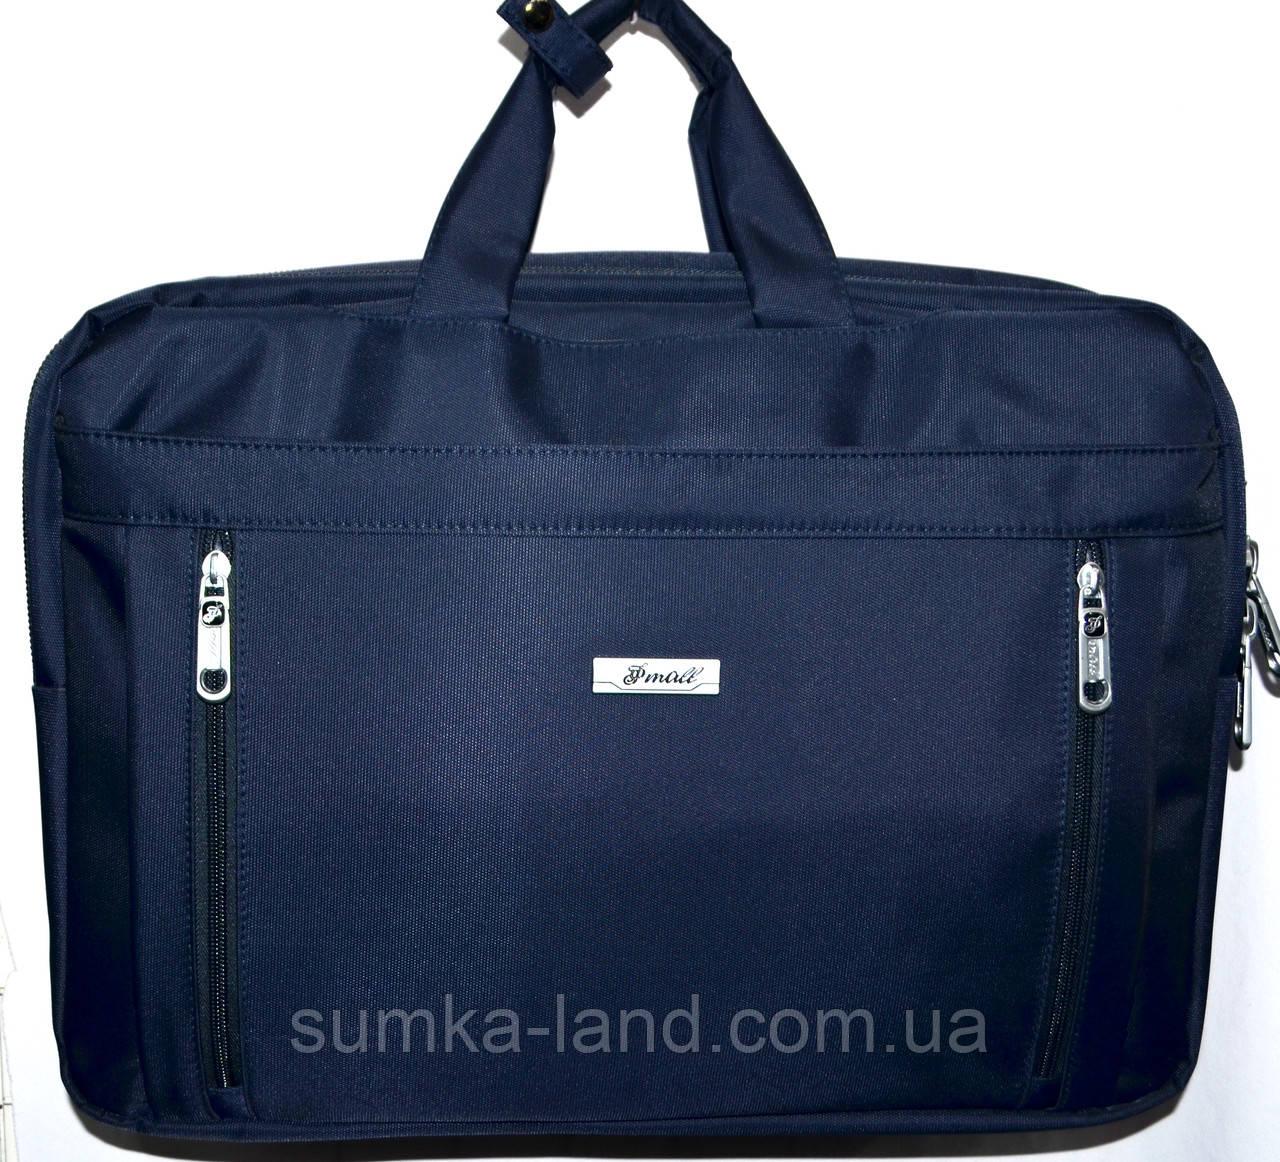 Трансформер, сумка - рюкзак для ноутбука синий цвет 41*30 см